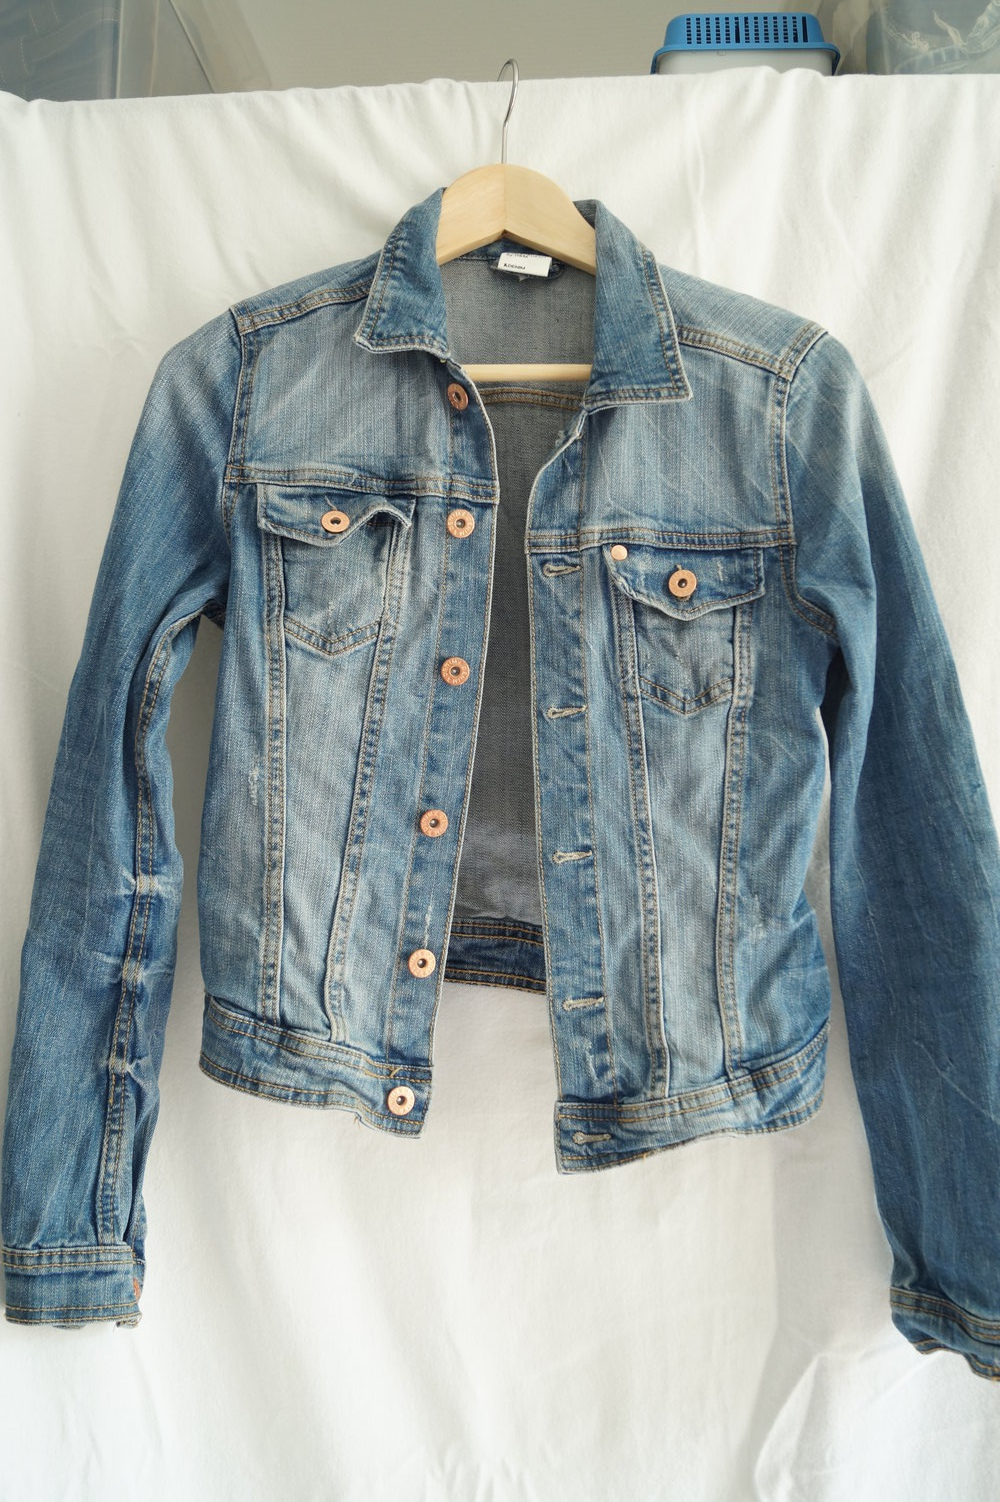 Jeansjacke von h m - Hm herren jeans ...